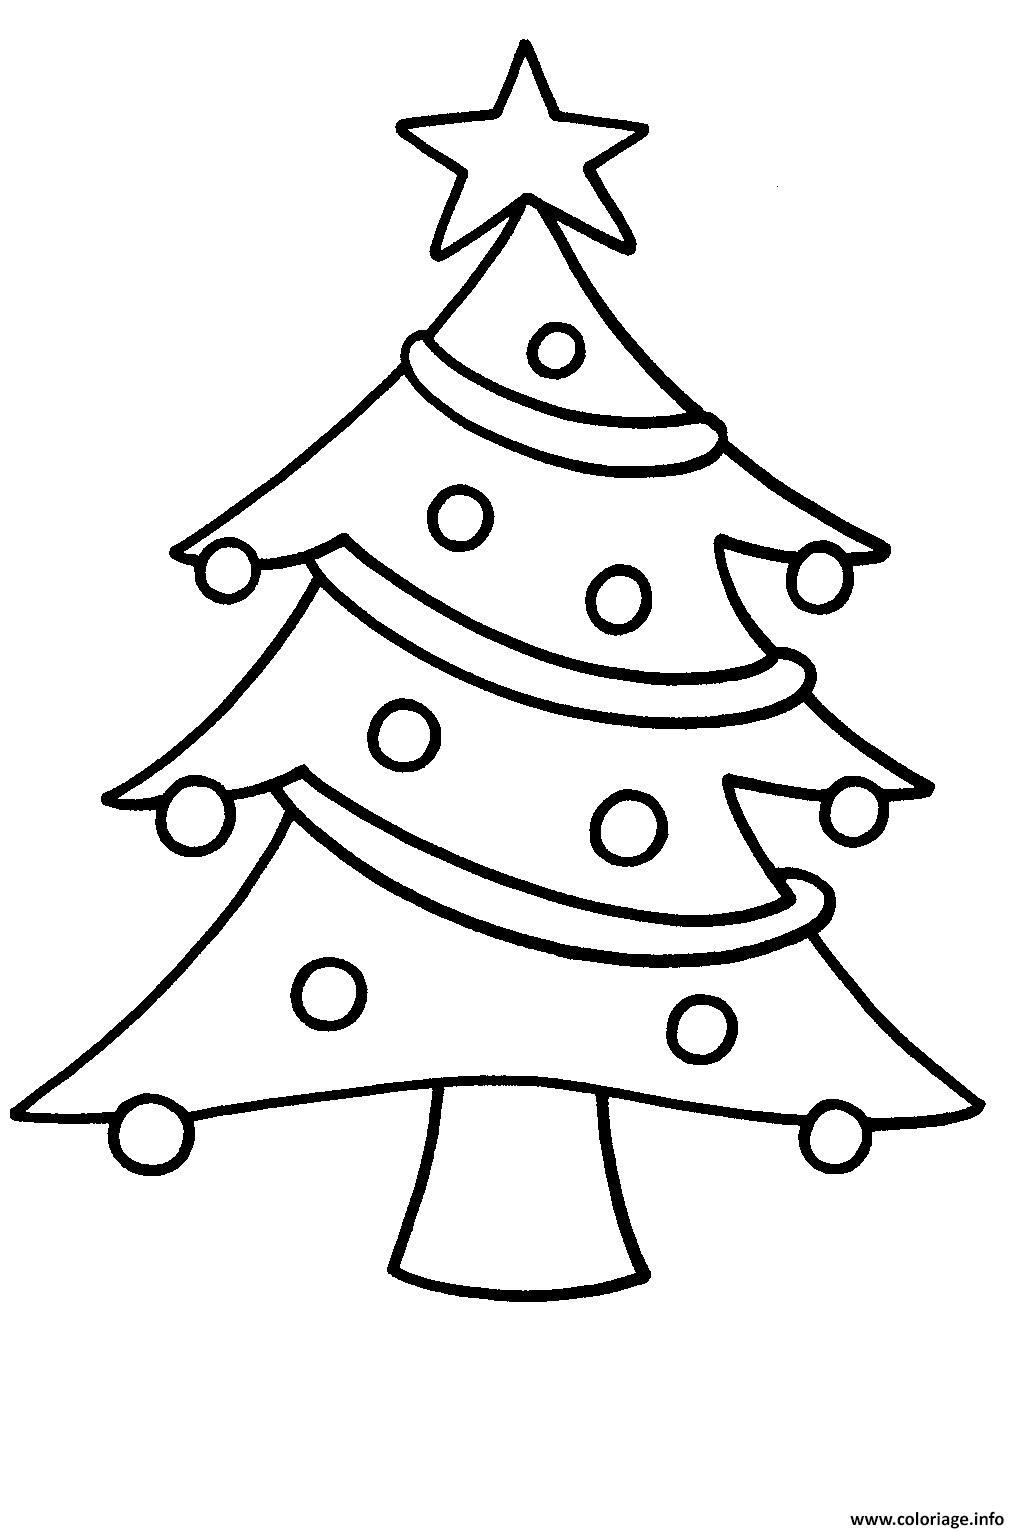 Coloriage Sapin De Noel Facile Pour Enfants Dessin encequiconcerne Dessin Facile Pour Enfant